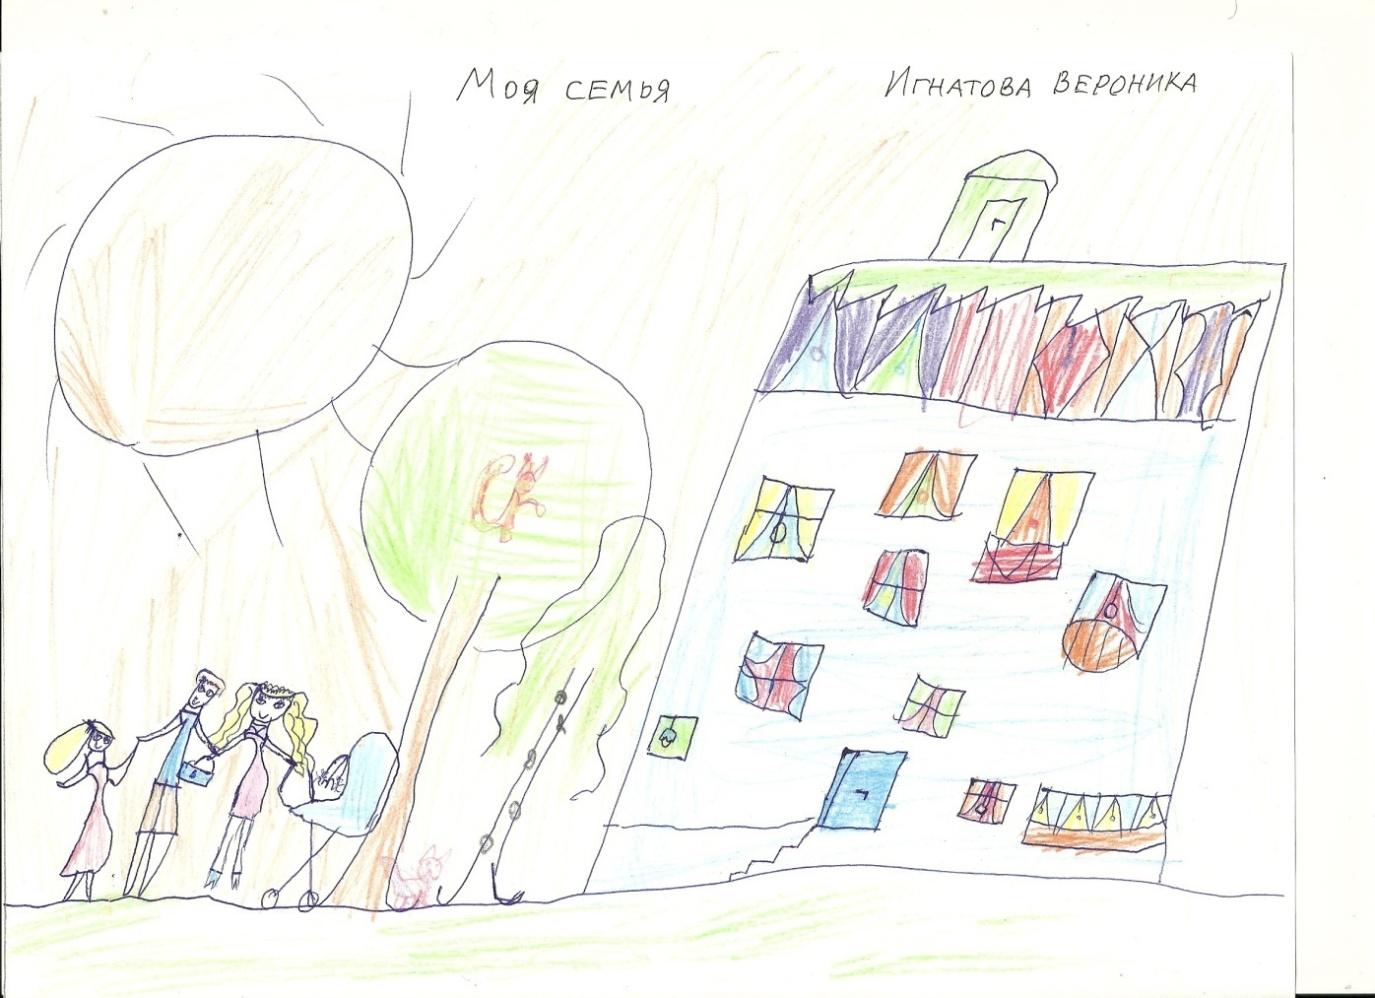 C:\Users\NecroS\Pictures\Мои сканированные изображения\2013-05 (май) Моя семья рисунки детей\сканирование0007.jpg